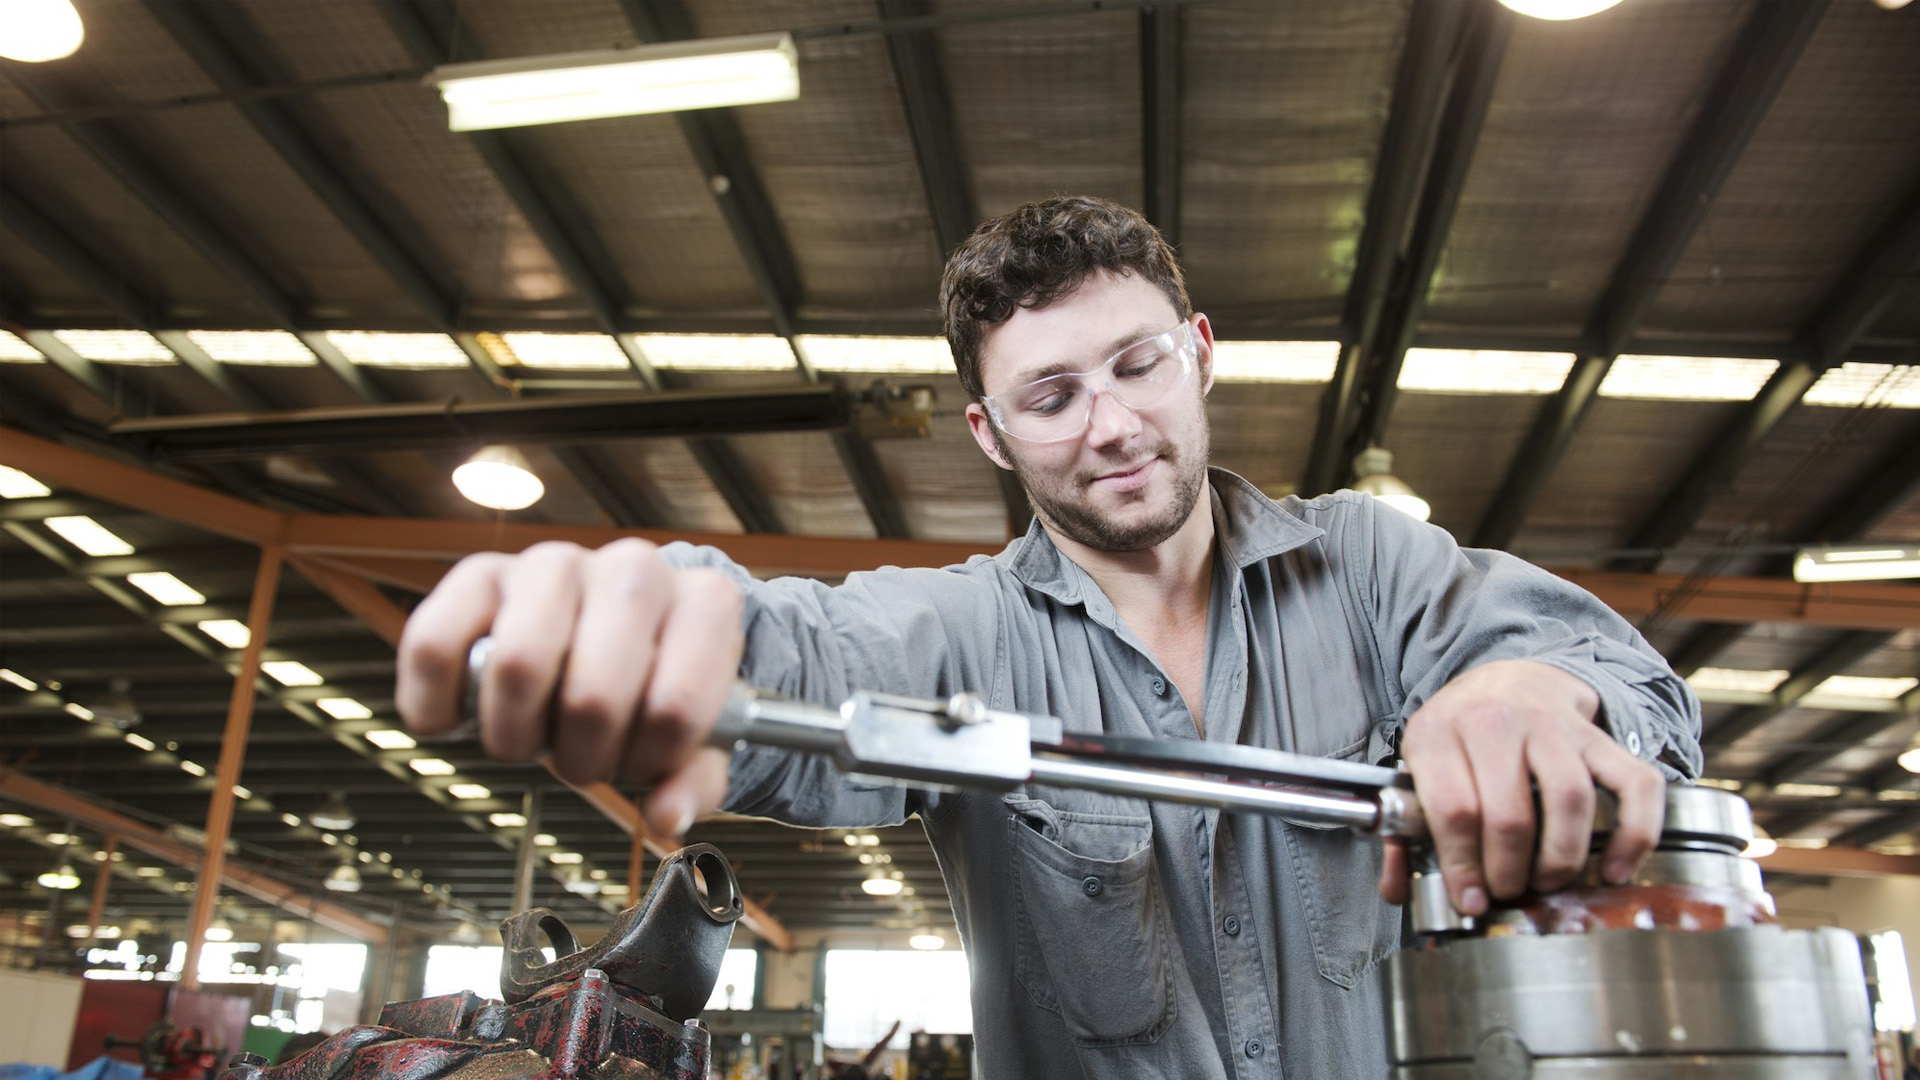 Mientras las grandes empresas migran hacia la tecnología, las pequeñas manufactureras albergan más trabajadores